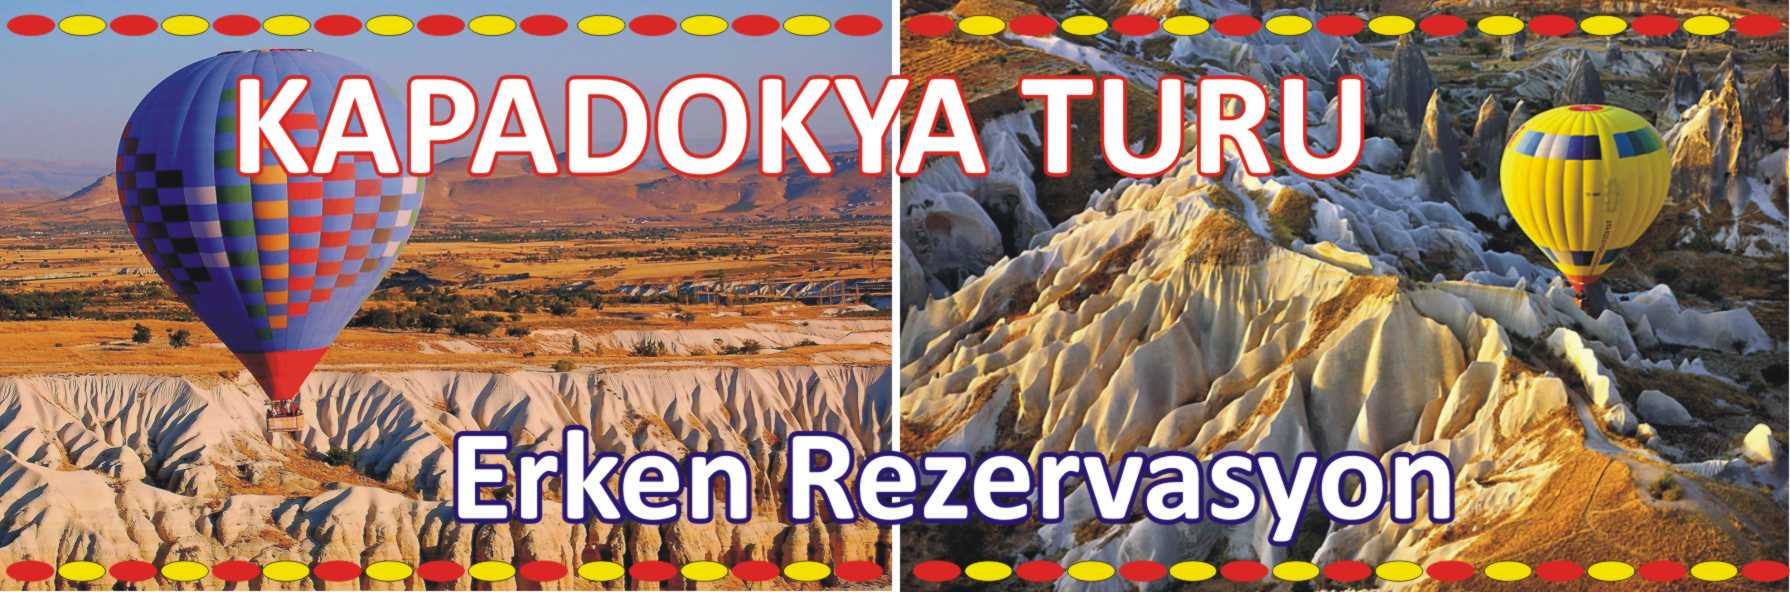 Kapadokya_Turu_2015.jpg